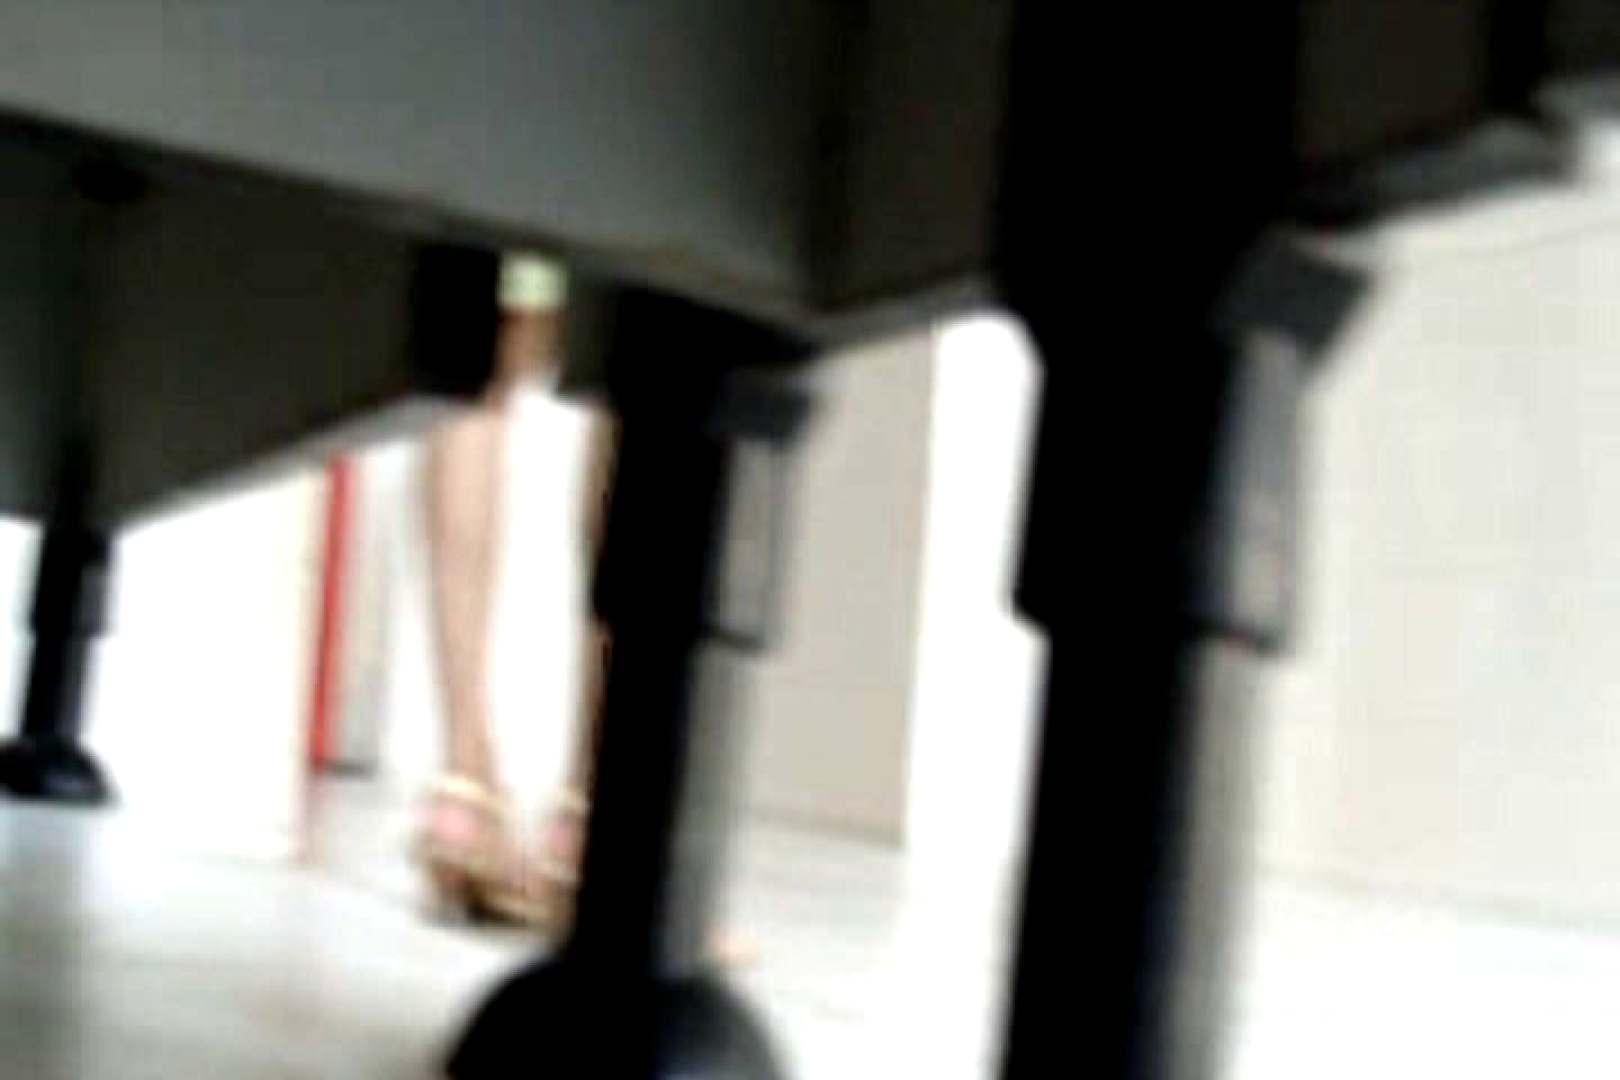 ぼっとん洗面所スペシャルVol.5 OLの実態 盗み撮り動画キャプチャ 103pic 82